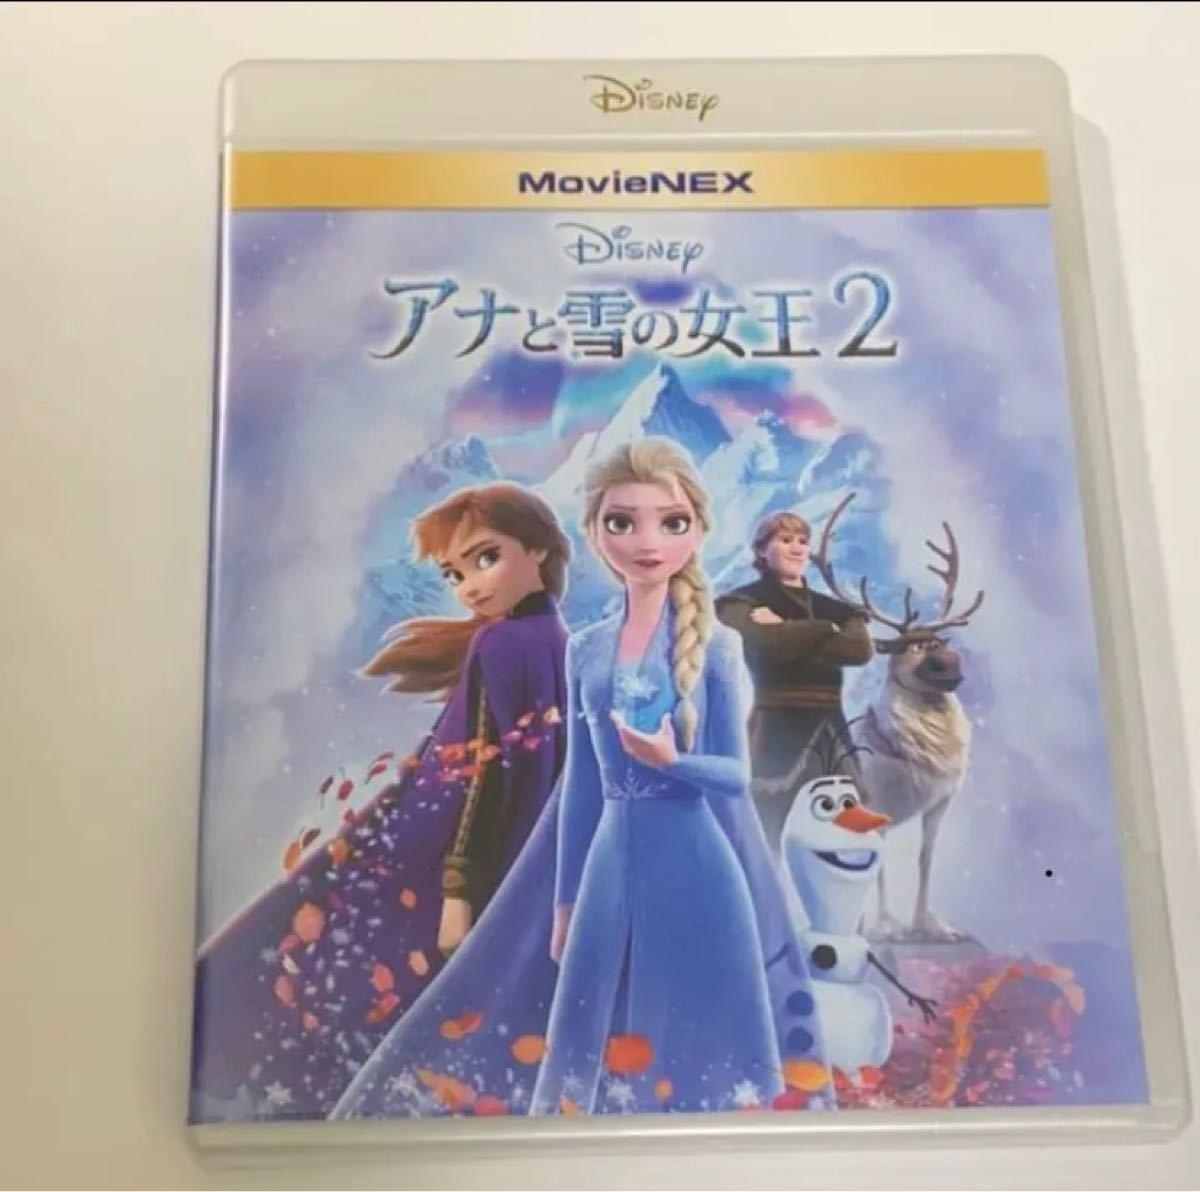 アナと雪の女王2 Blu-ray+純正ケース ブルーレイ アナ雪2